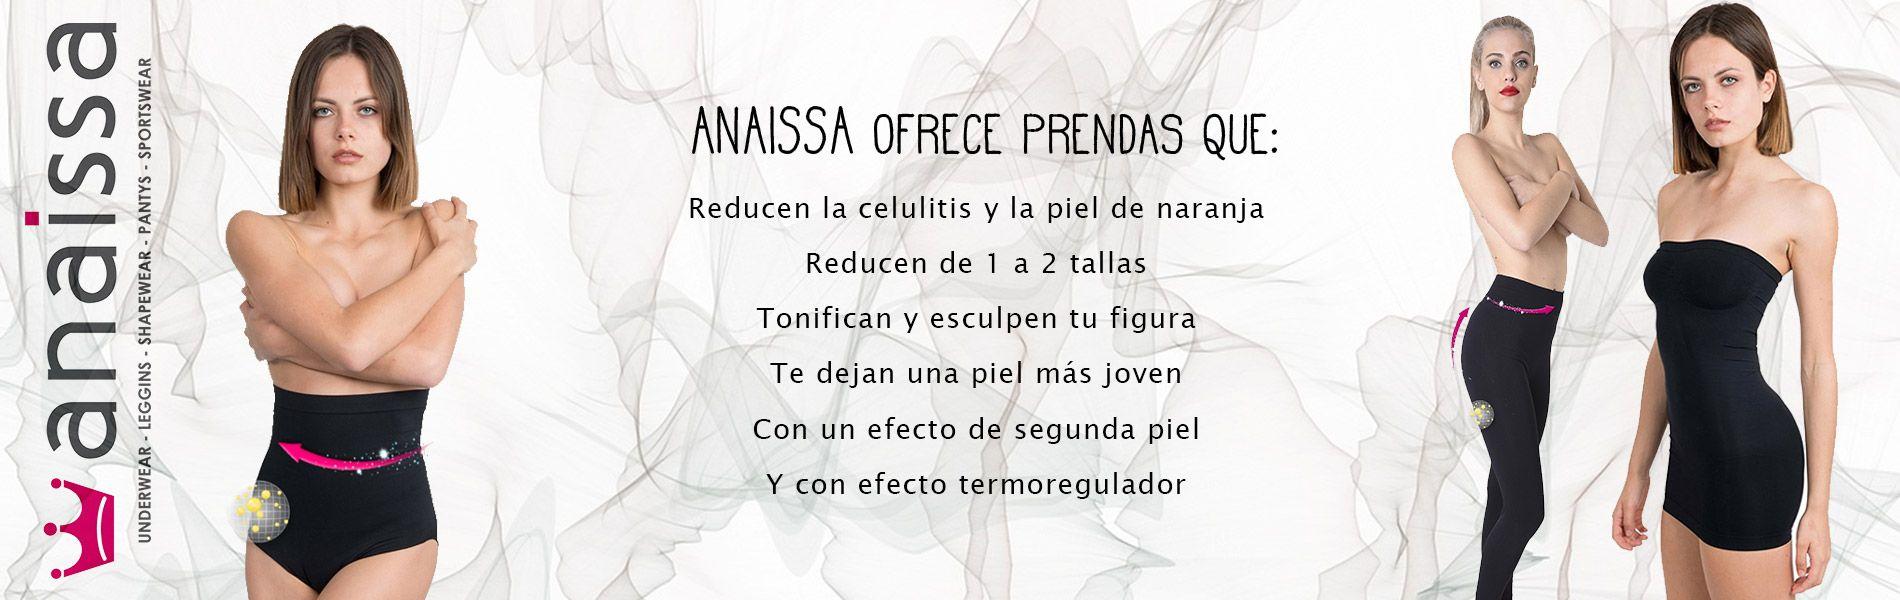 ANAISSA